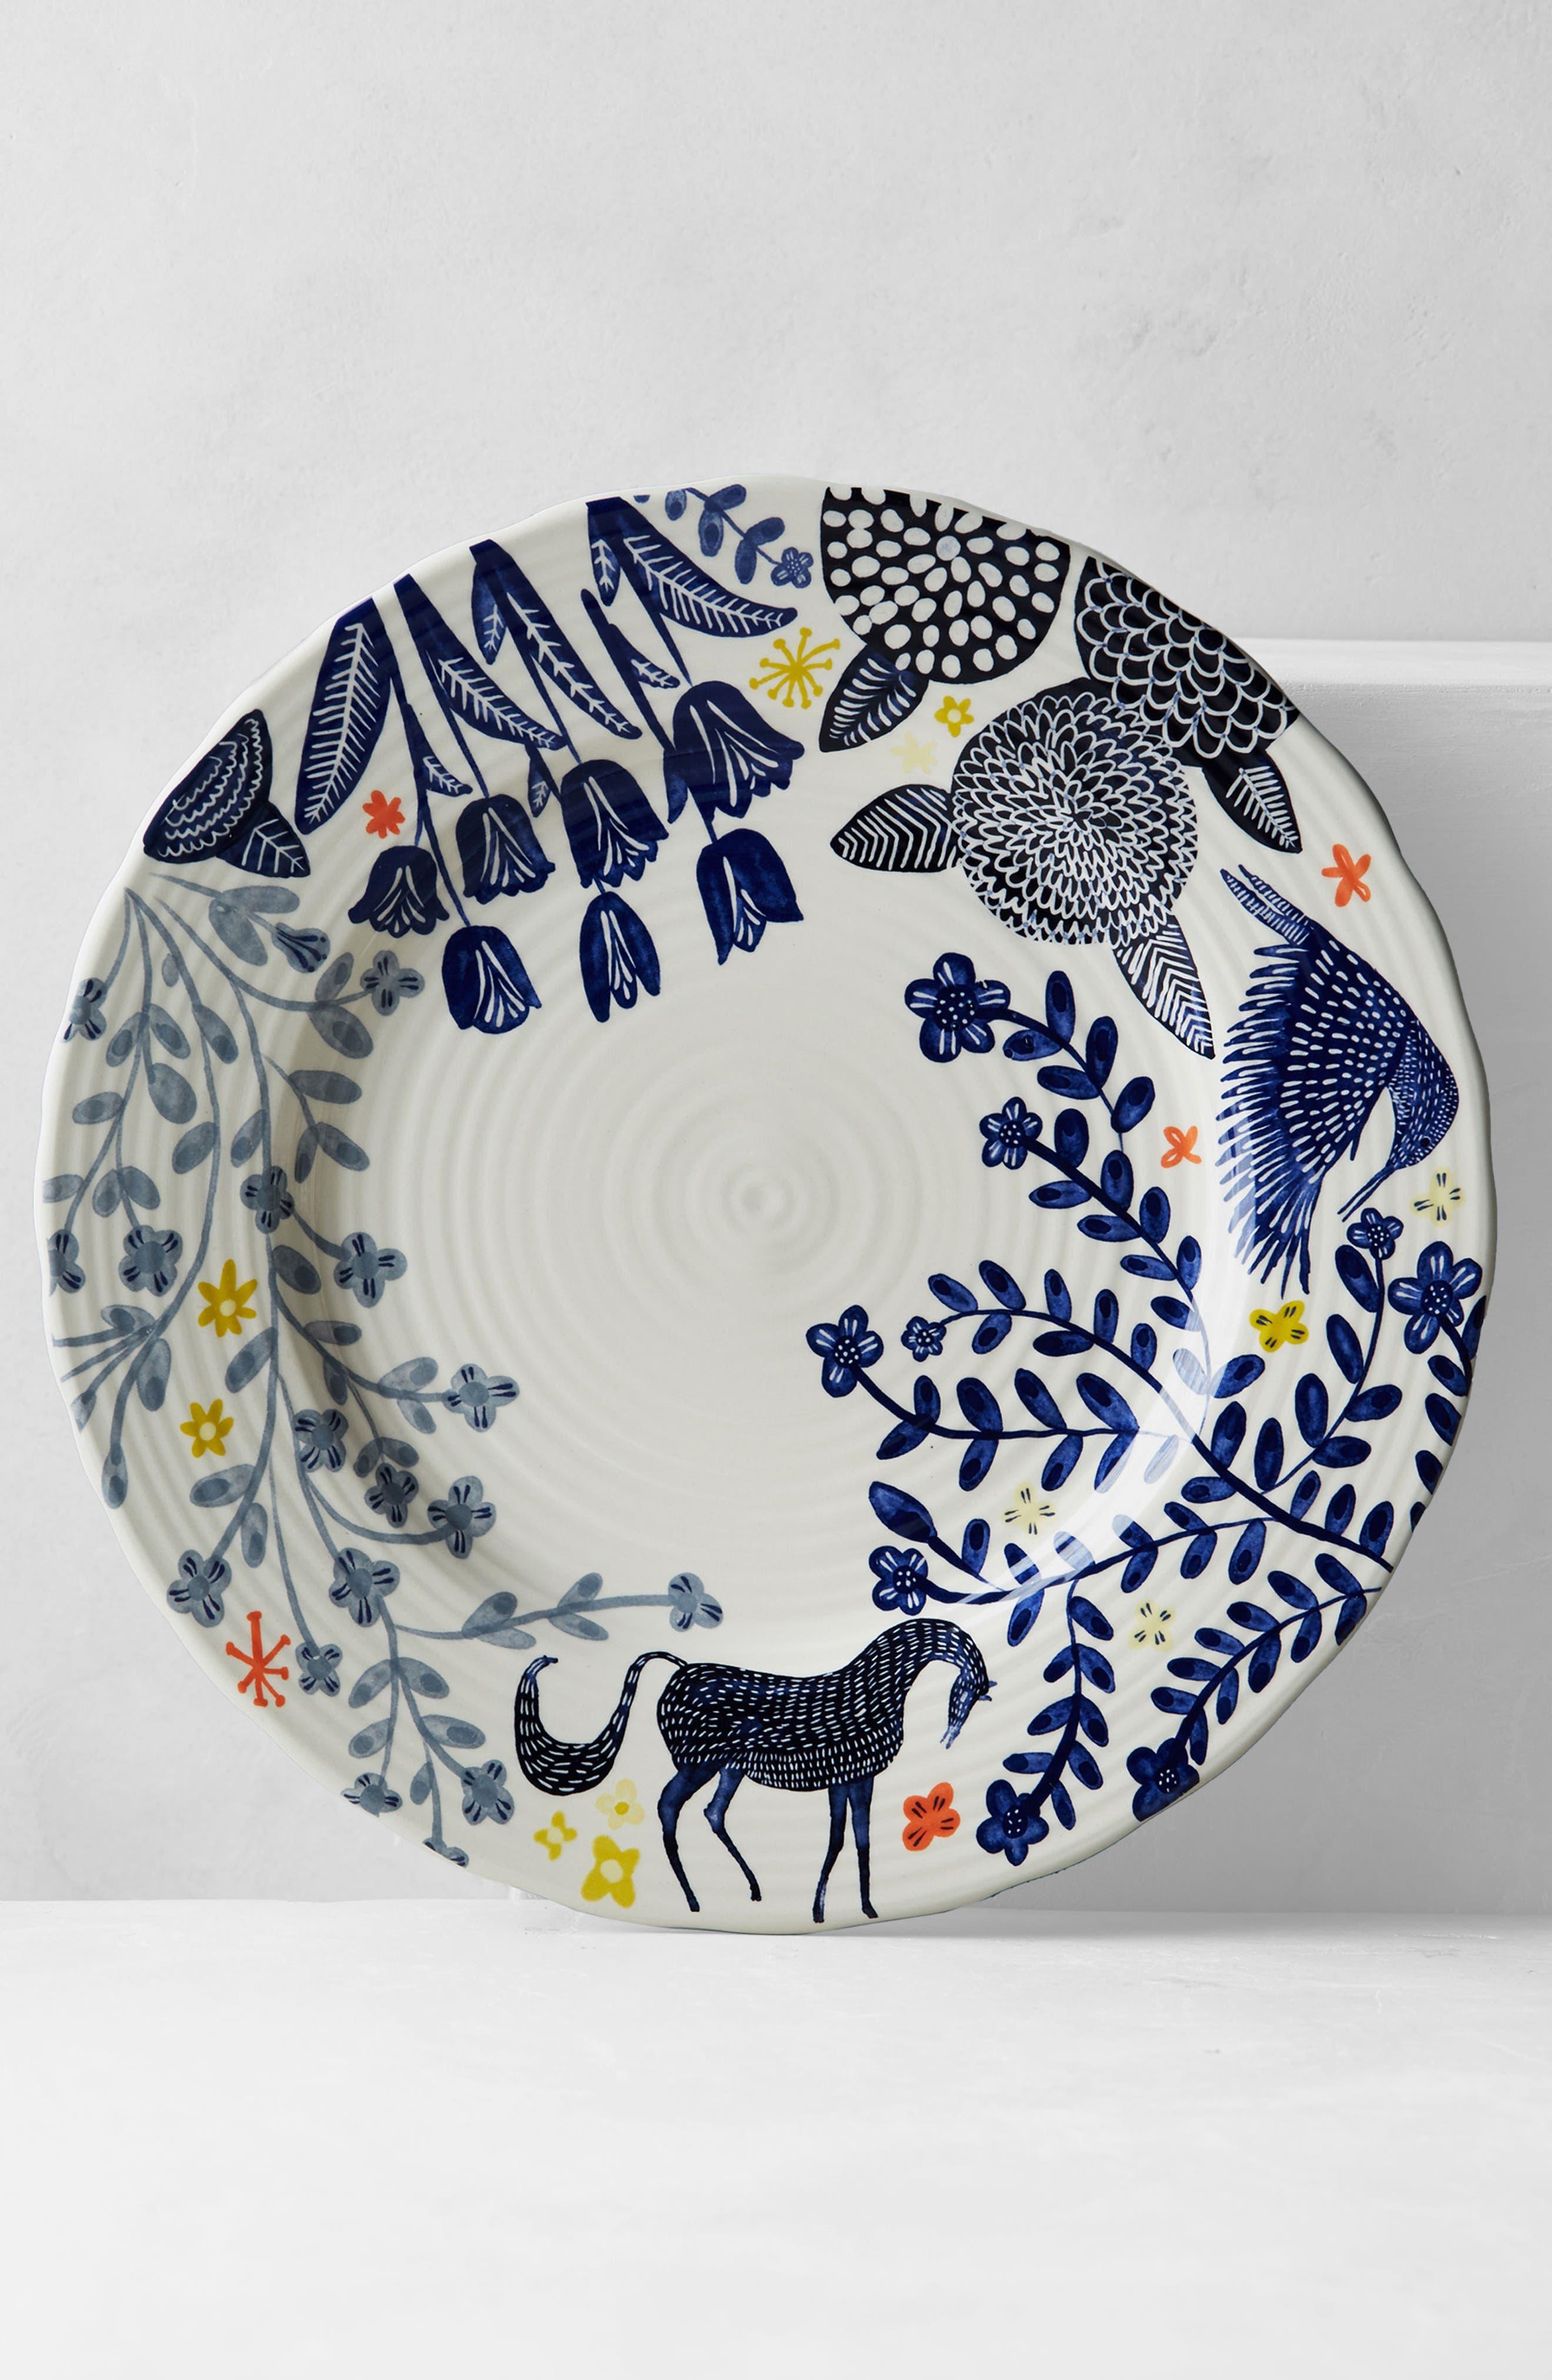 ANTHROPOLOGIE,                             Saga Dinner Plate,                             Alternate thumbnail 3, color,                             400